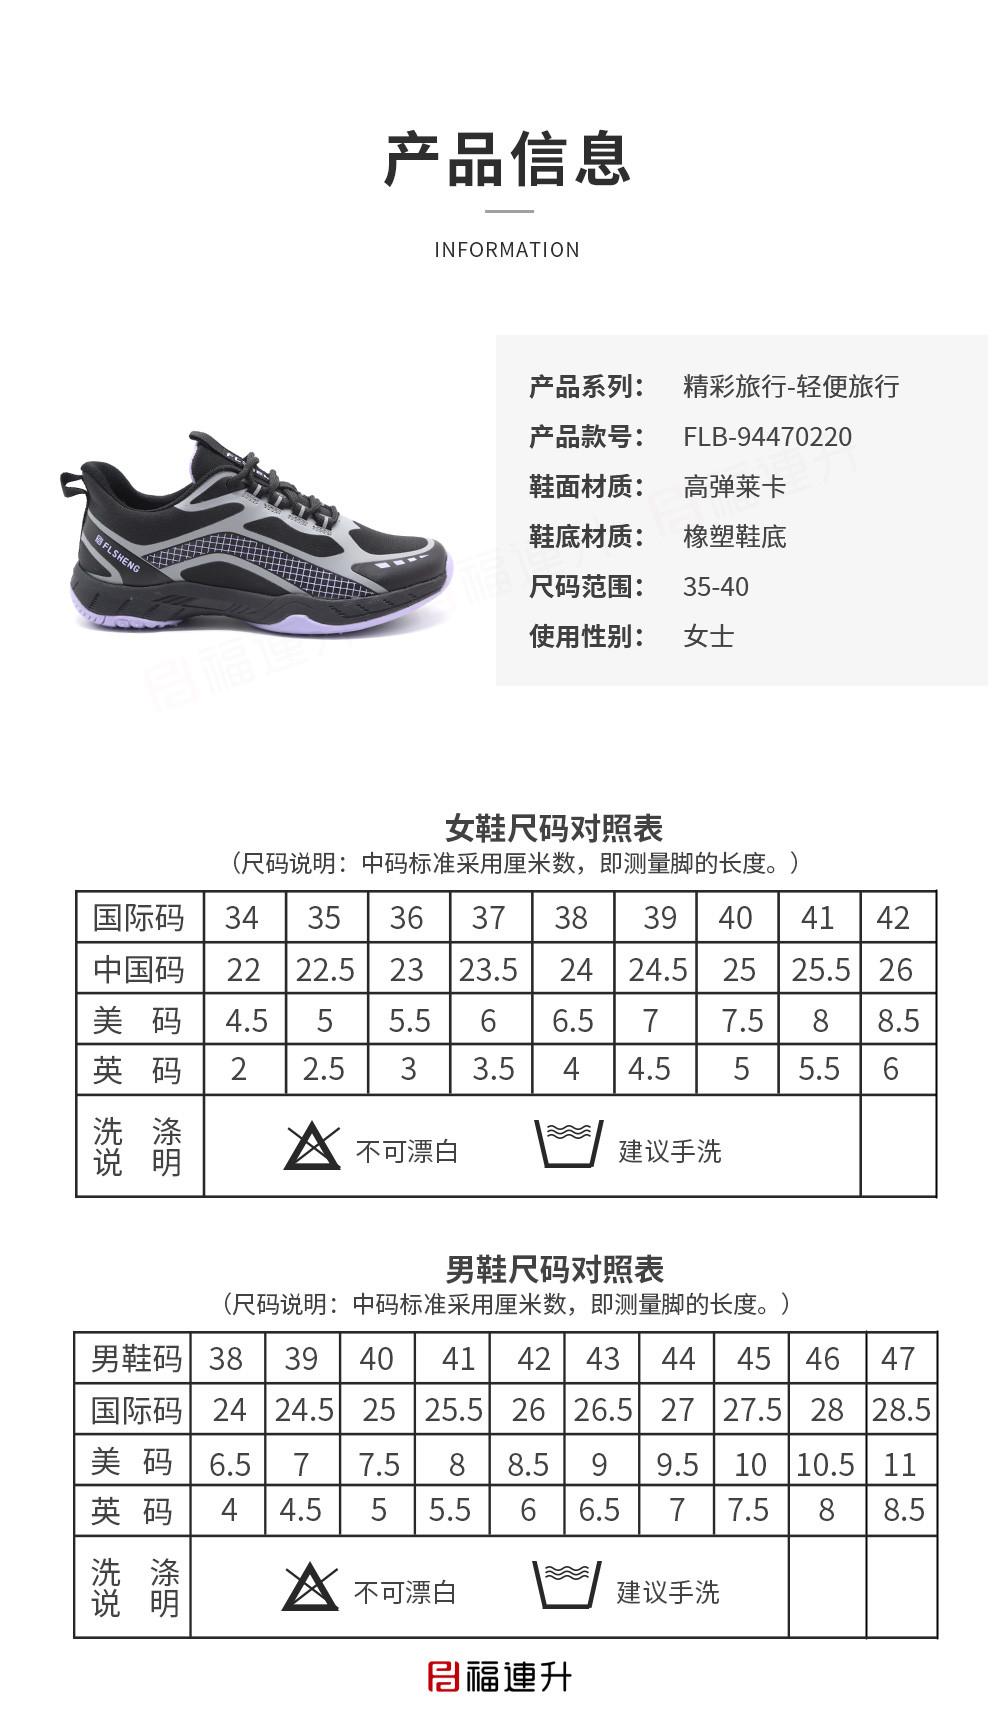 福连升休闲运动女鞋轻便户外旅游鞋涉水防滑透气鞋子图片